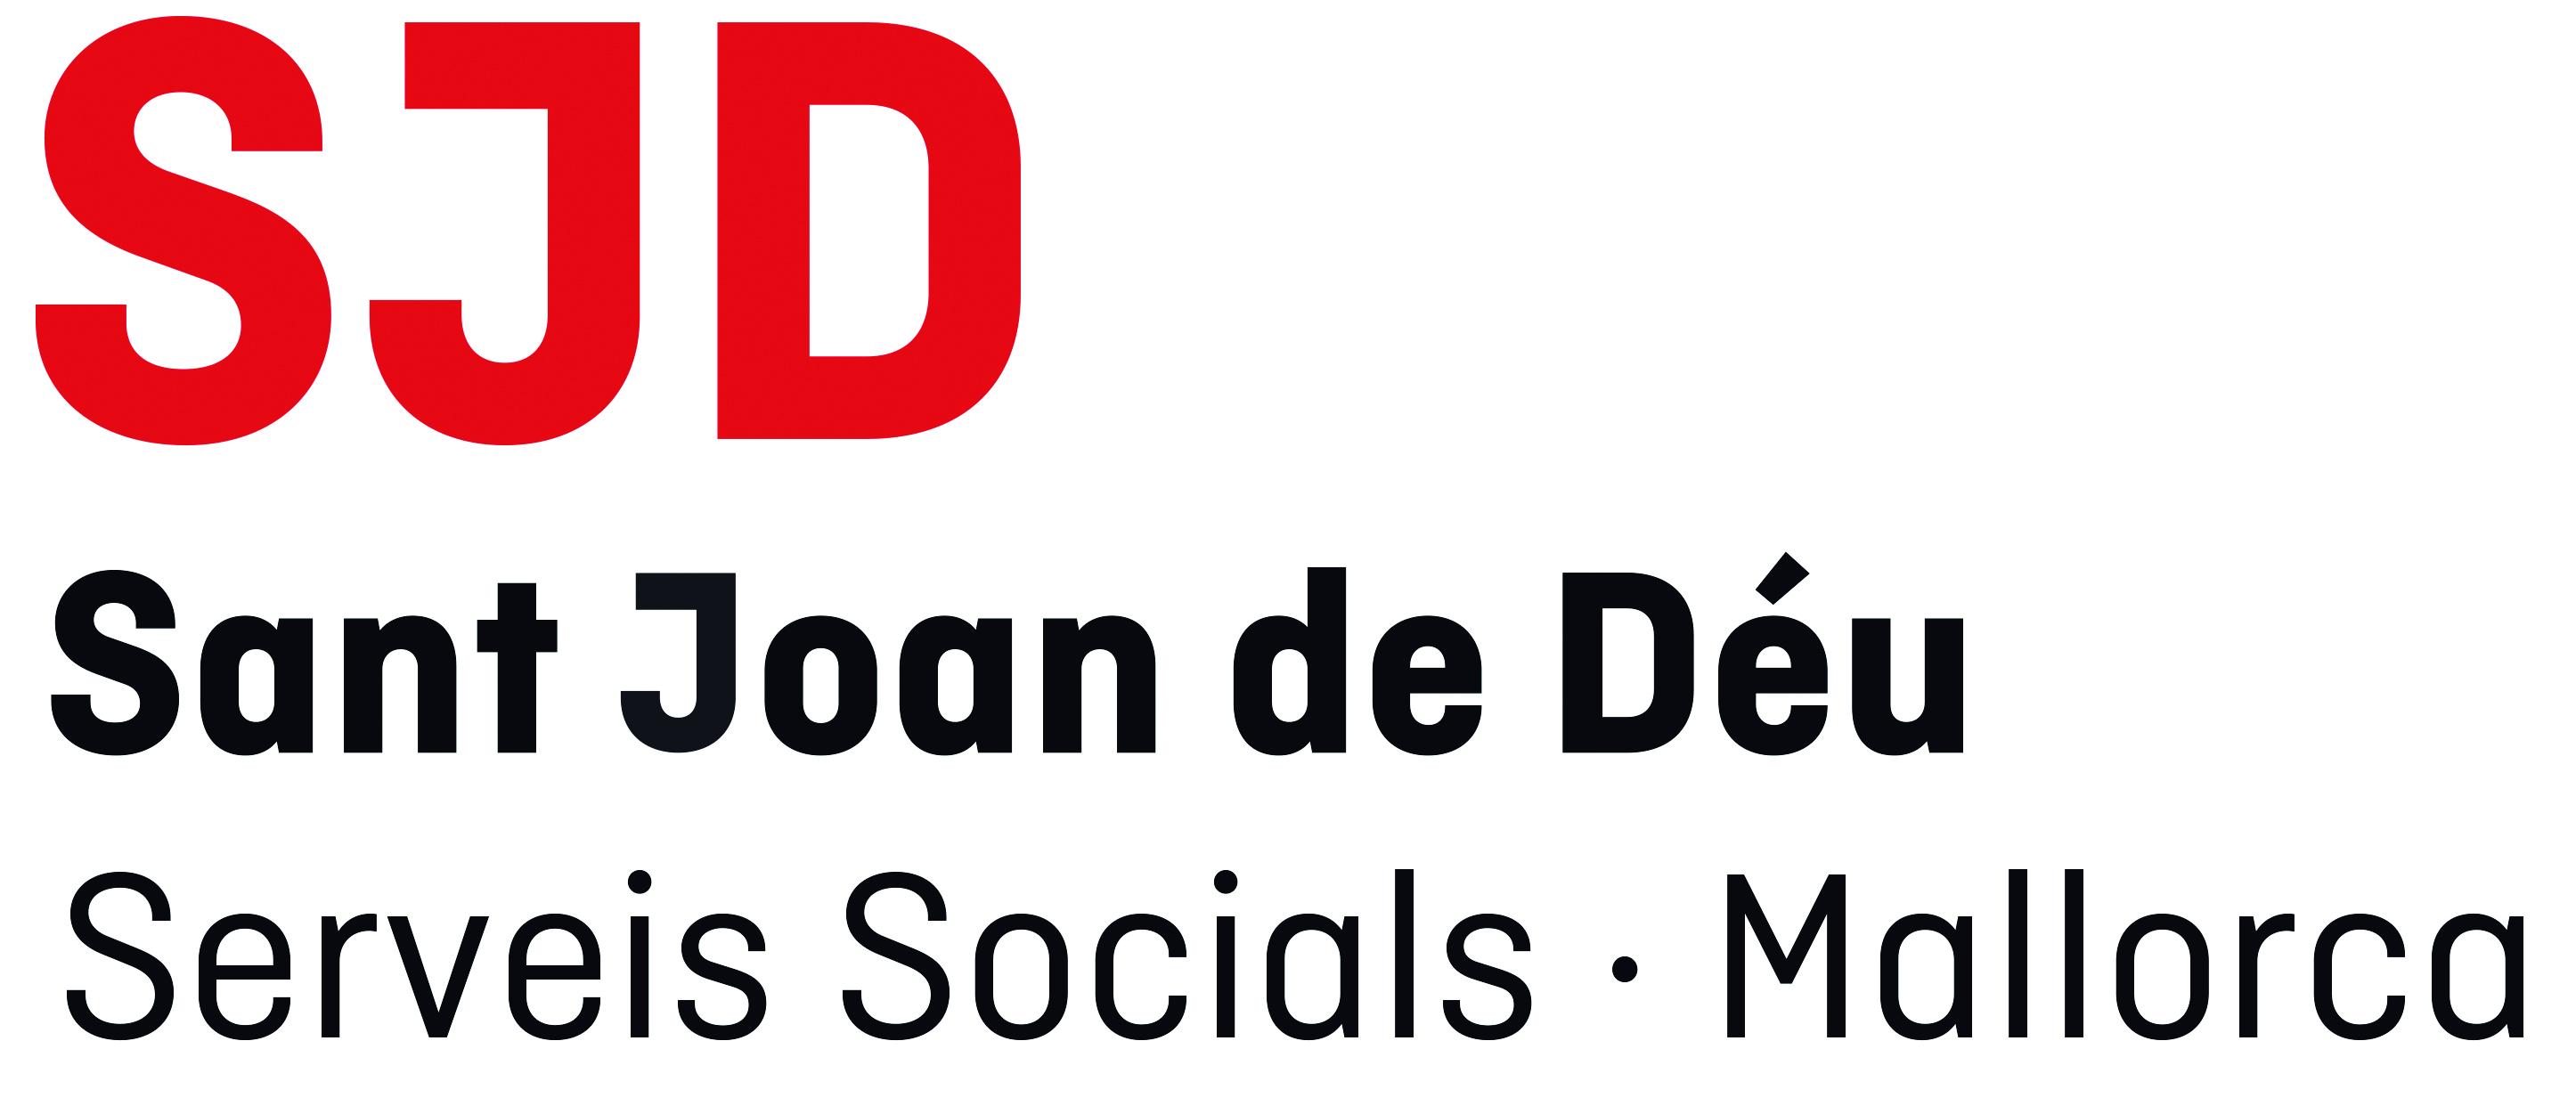 Fundació Sant Joan de Déu Serveis Socials Mallorca